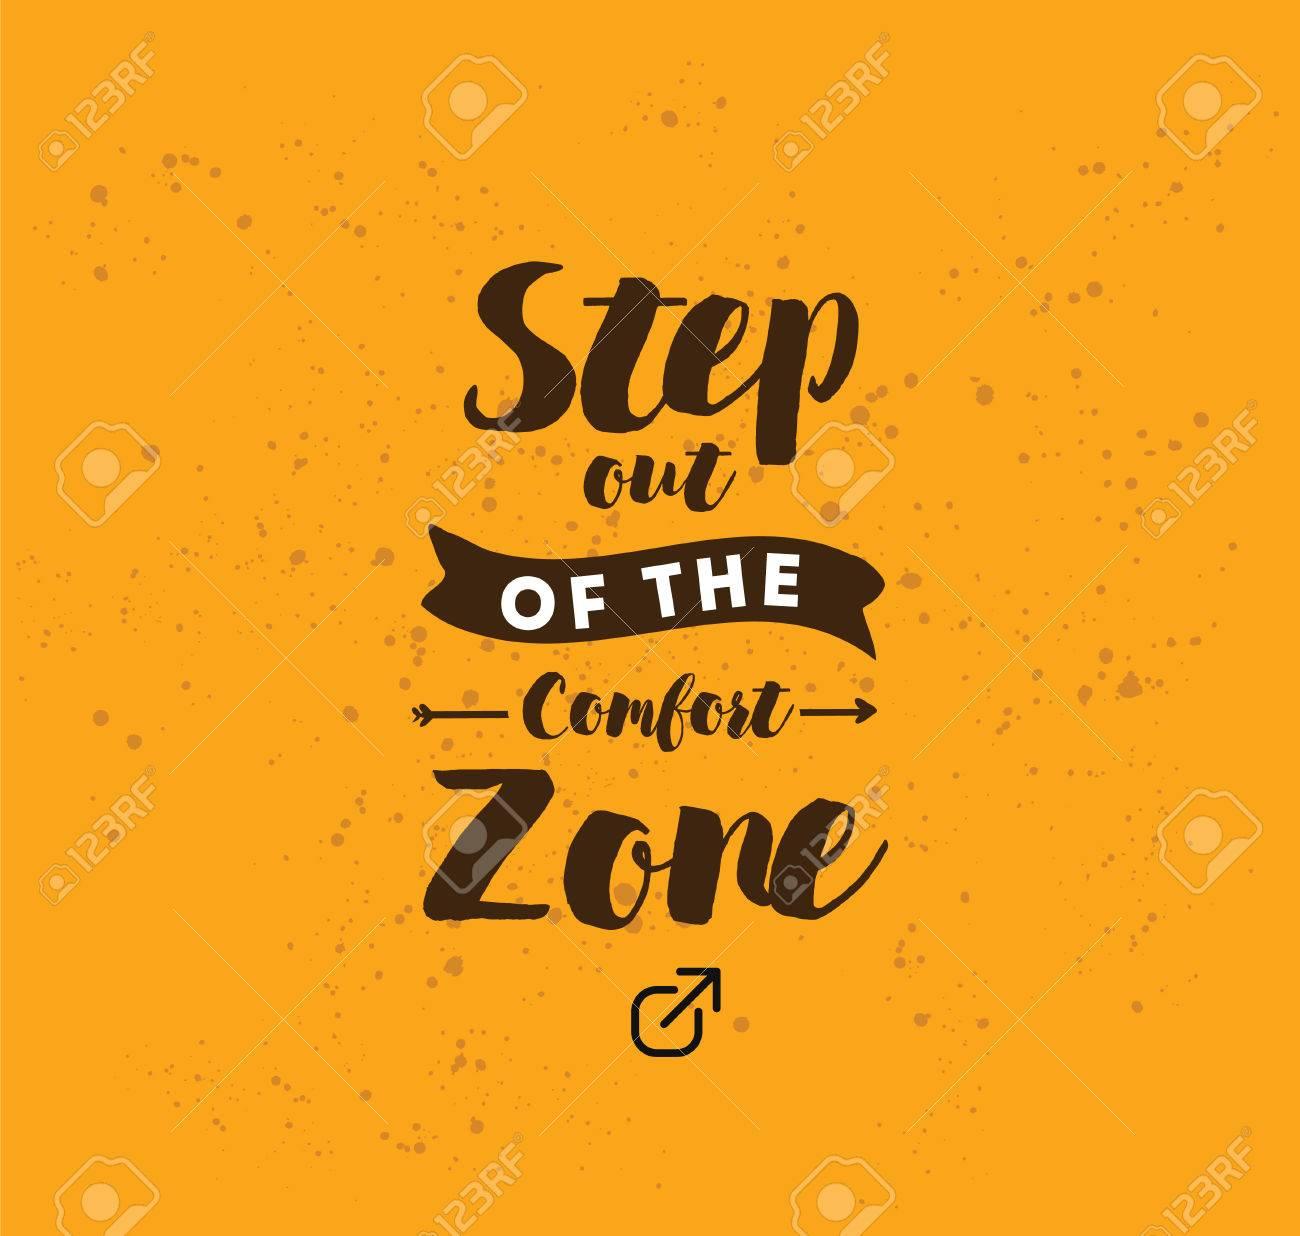 Al Salir De La Zona De Confort Cita Inspirada Motivación La Tipografía Para El Cartel Invitación Tarjeta De Felicitación O Una Camiseta Letras